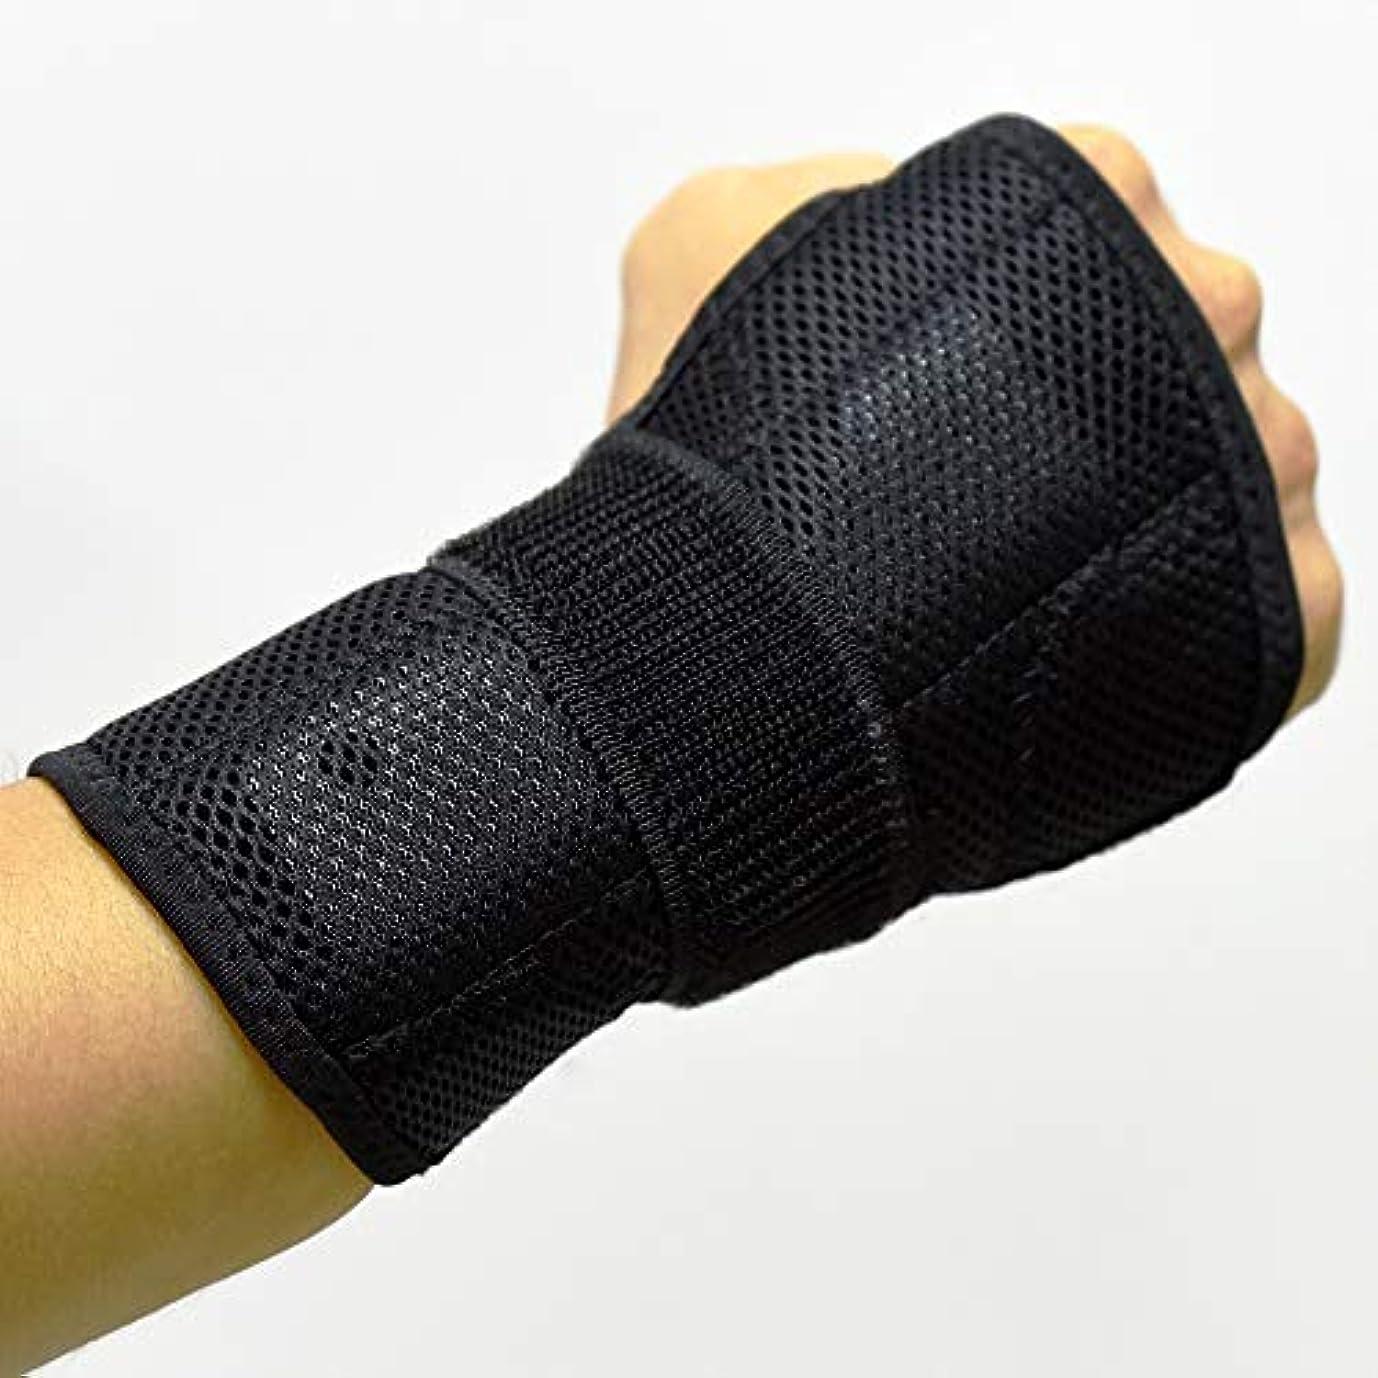 適応正確失手首サポートスプリントブレース、調節可能な 手首ブレーススプリントは、怪我、スポーツ、ジム、繰り返しの緊張などに対応します デザイン,Lefthand